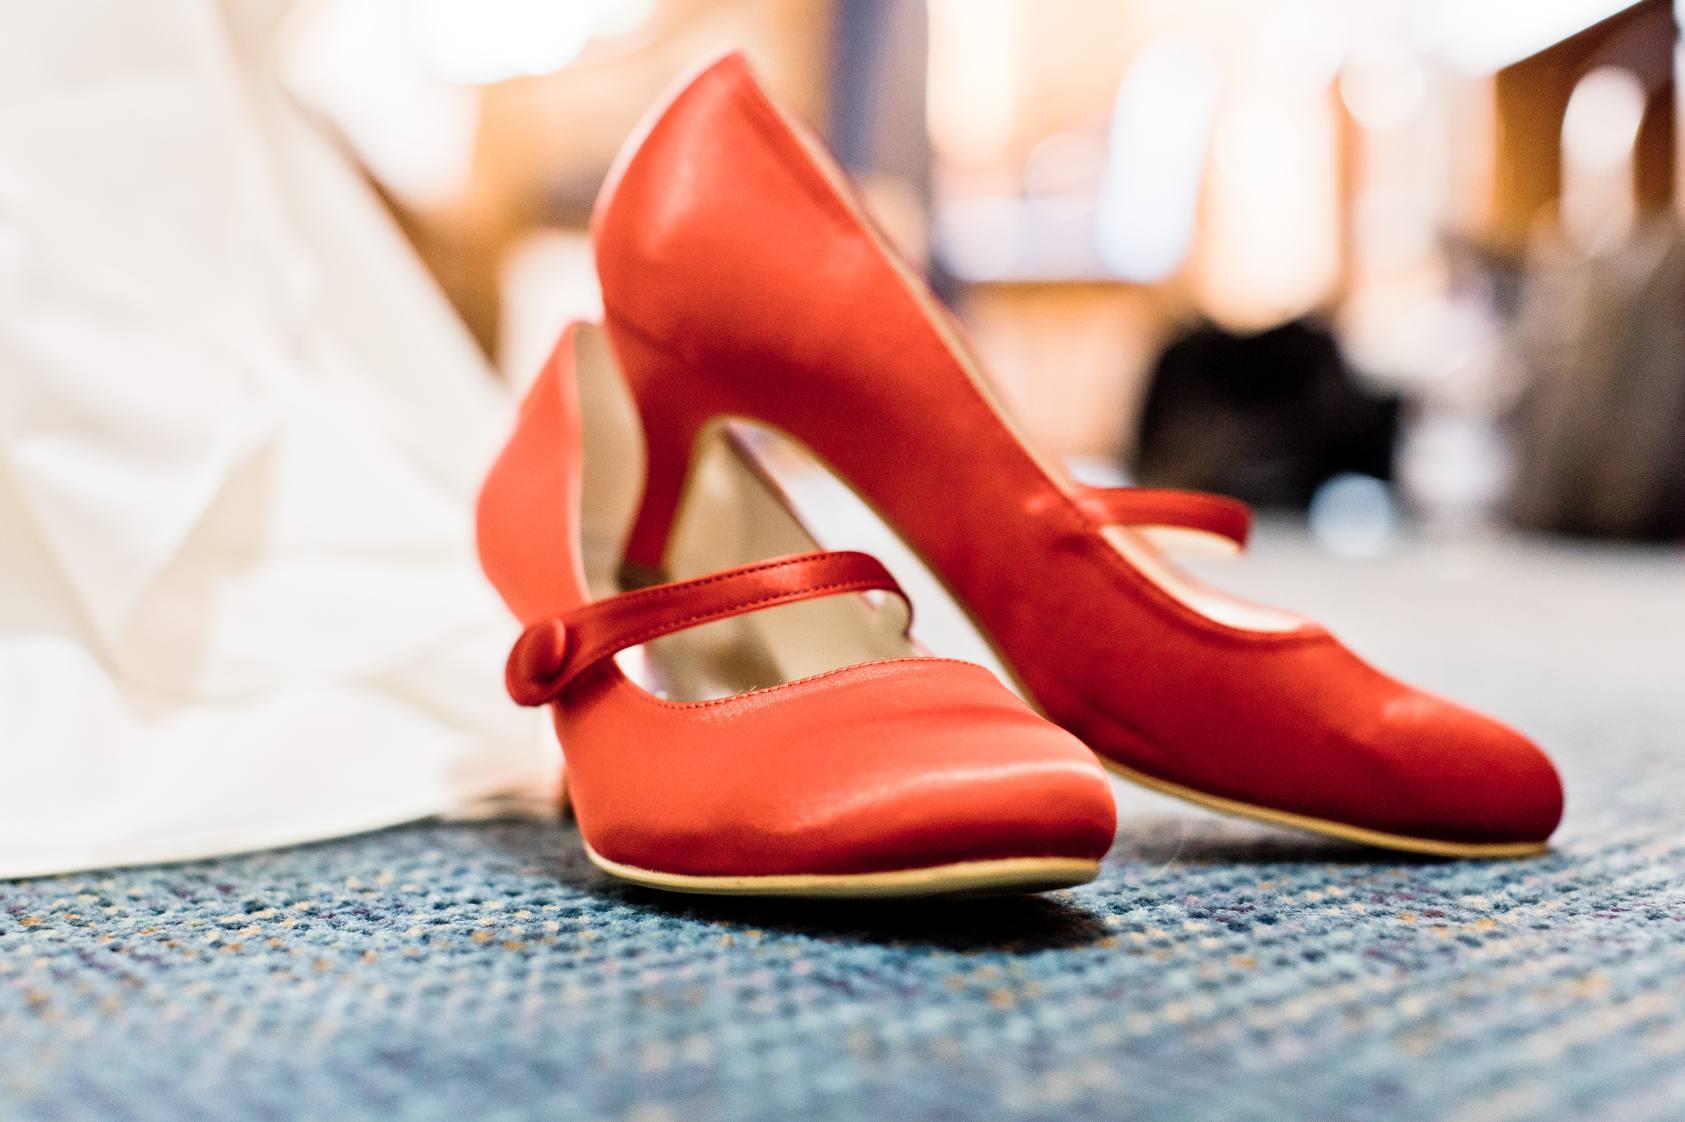 rote Schuhe Hochzeit, hochzeit in rot, heiraten in rot